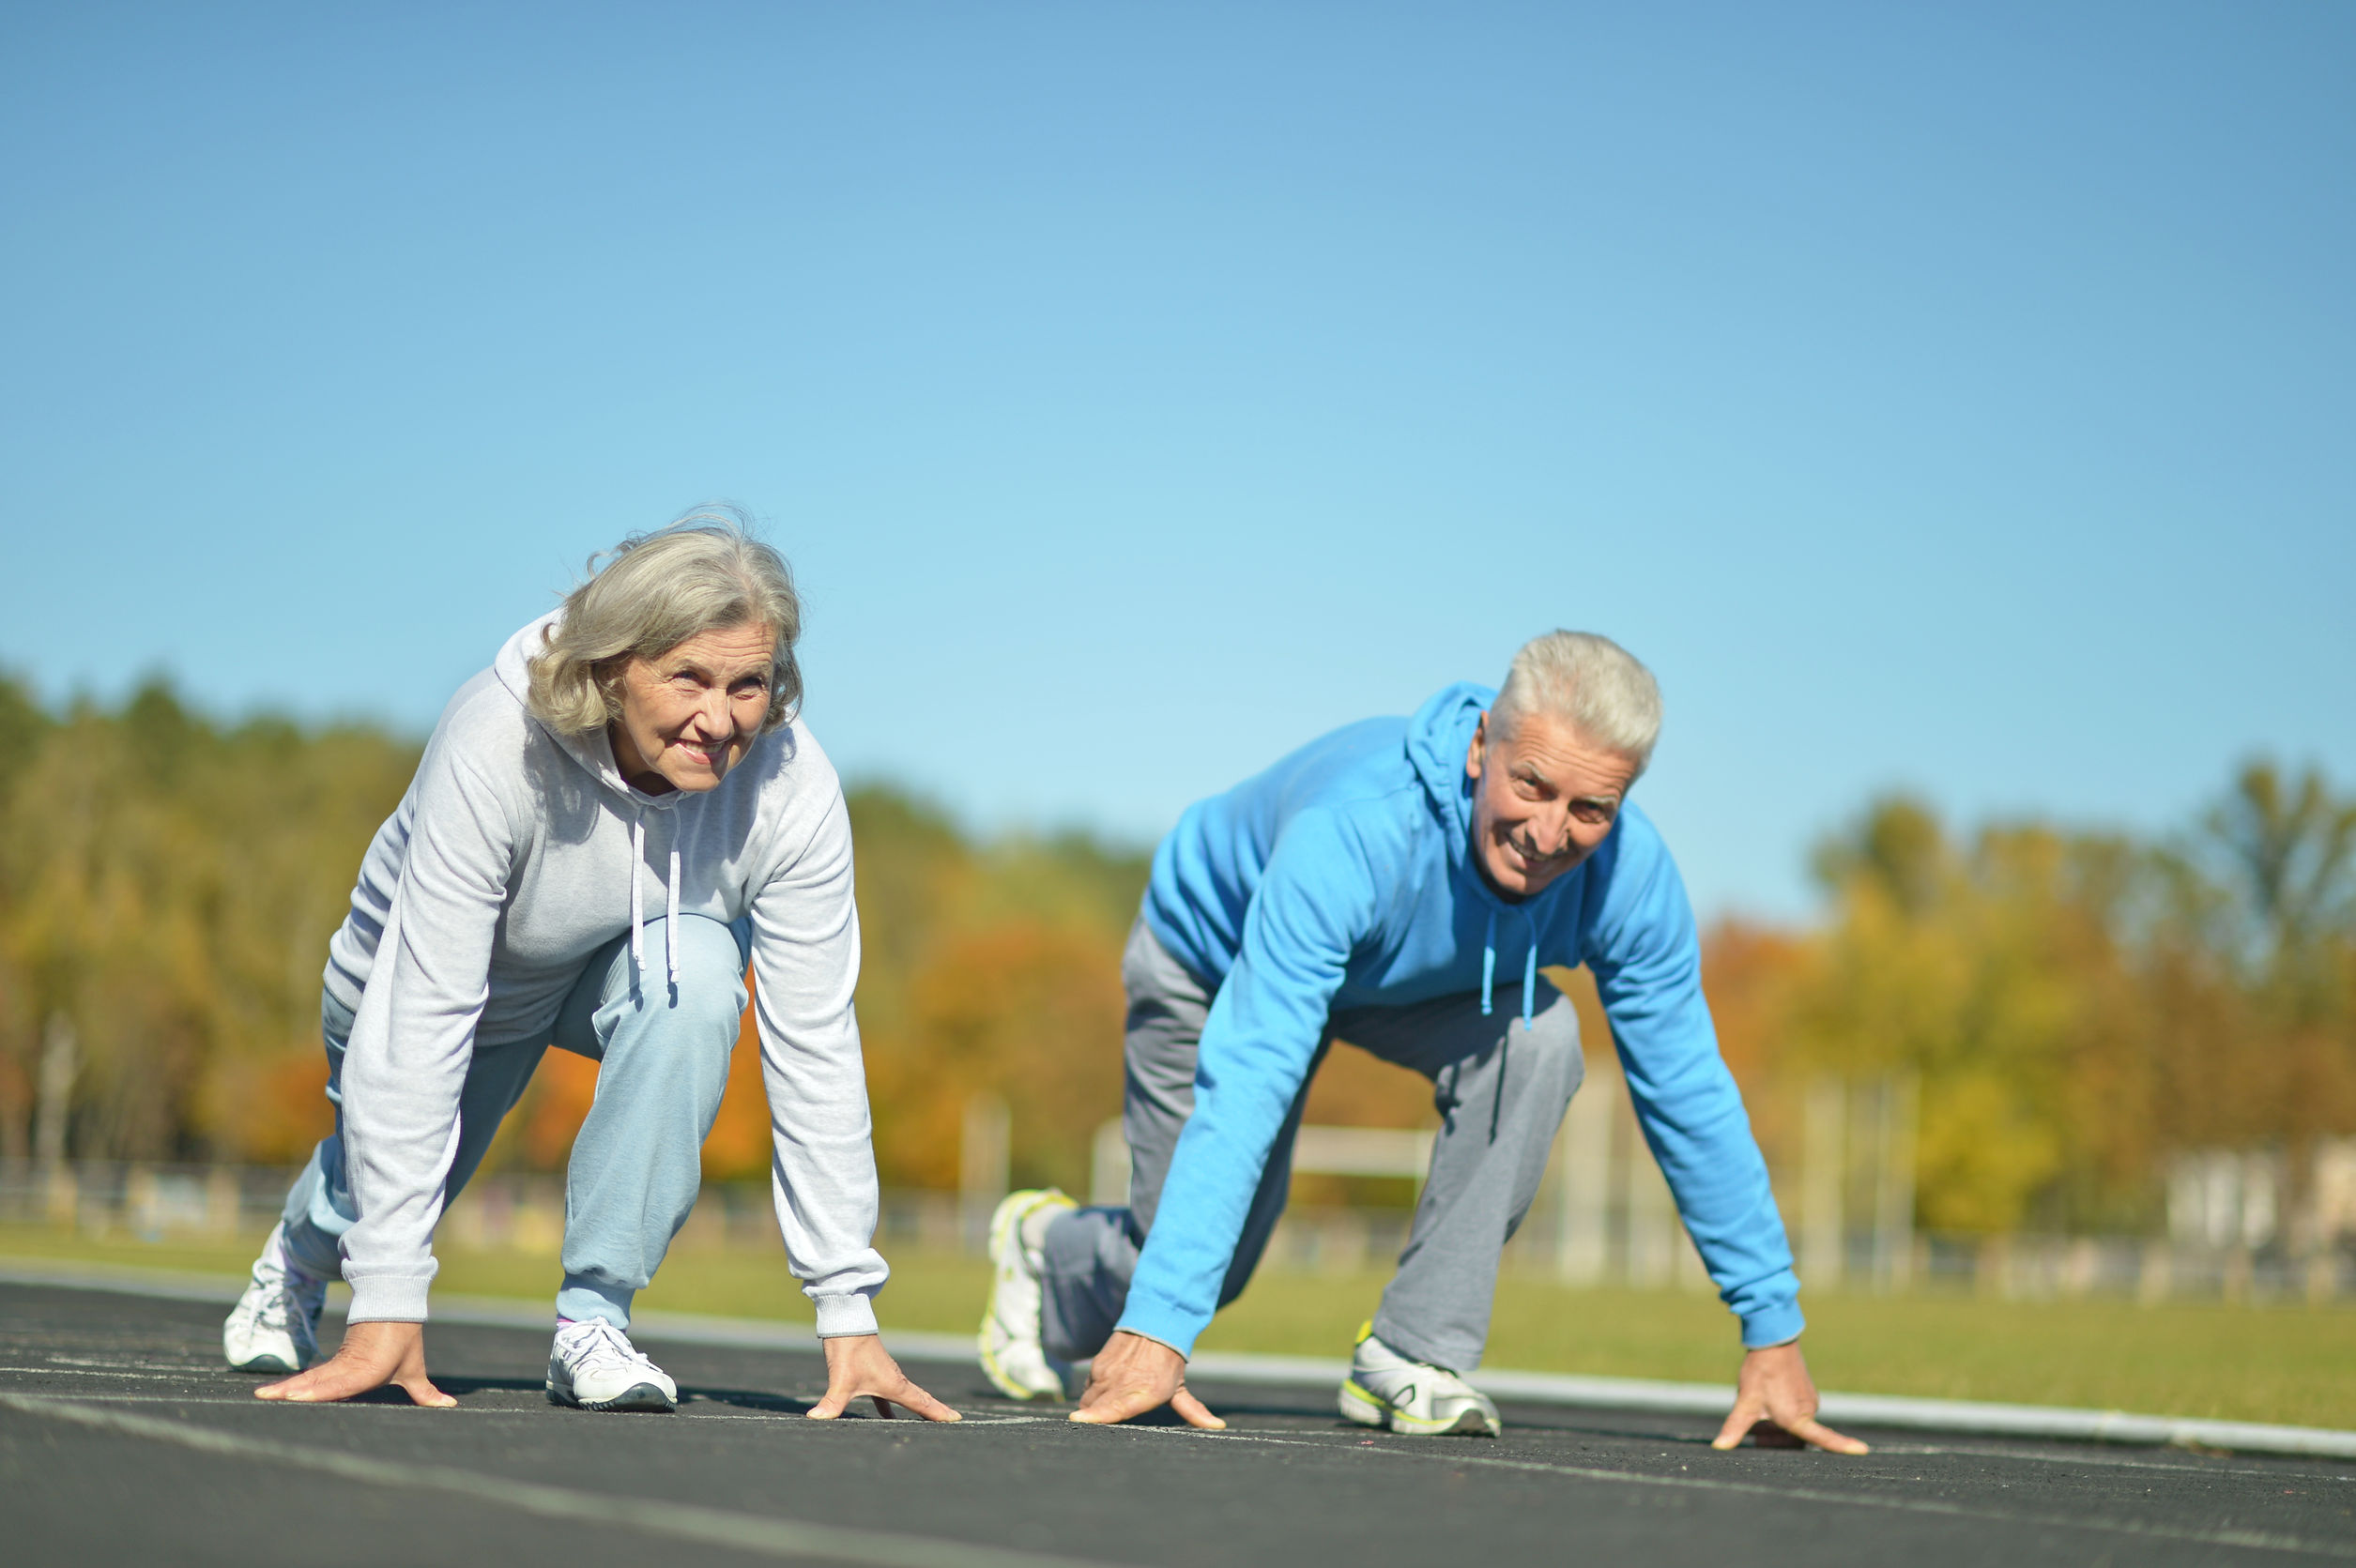 personas mayores corriendo